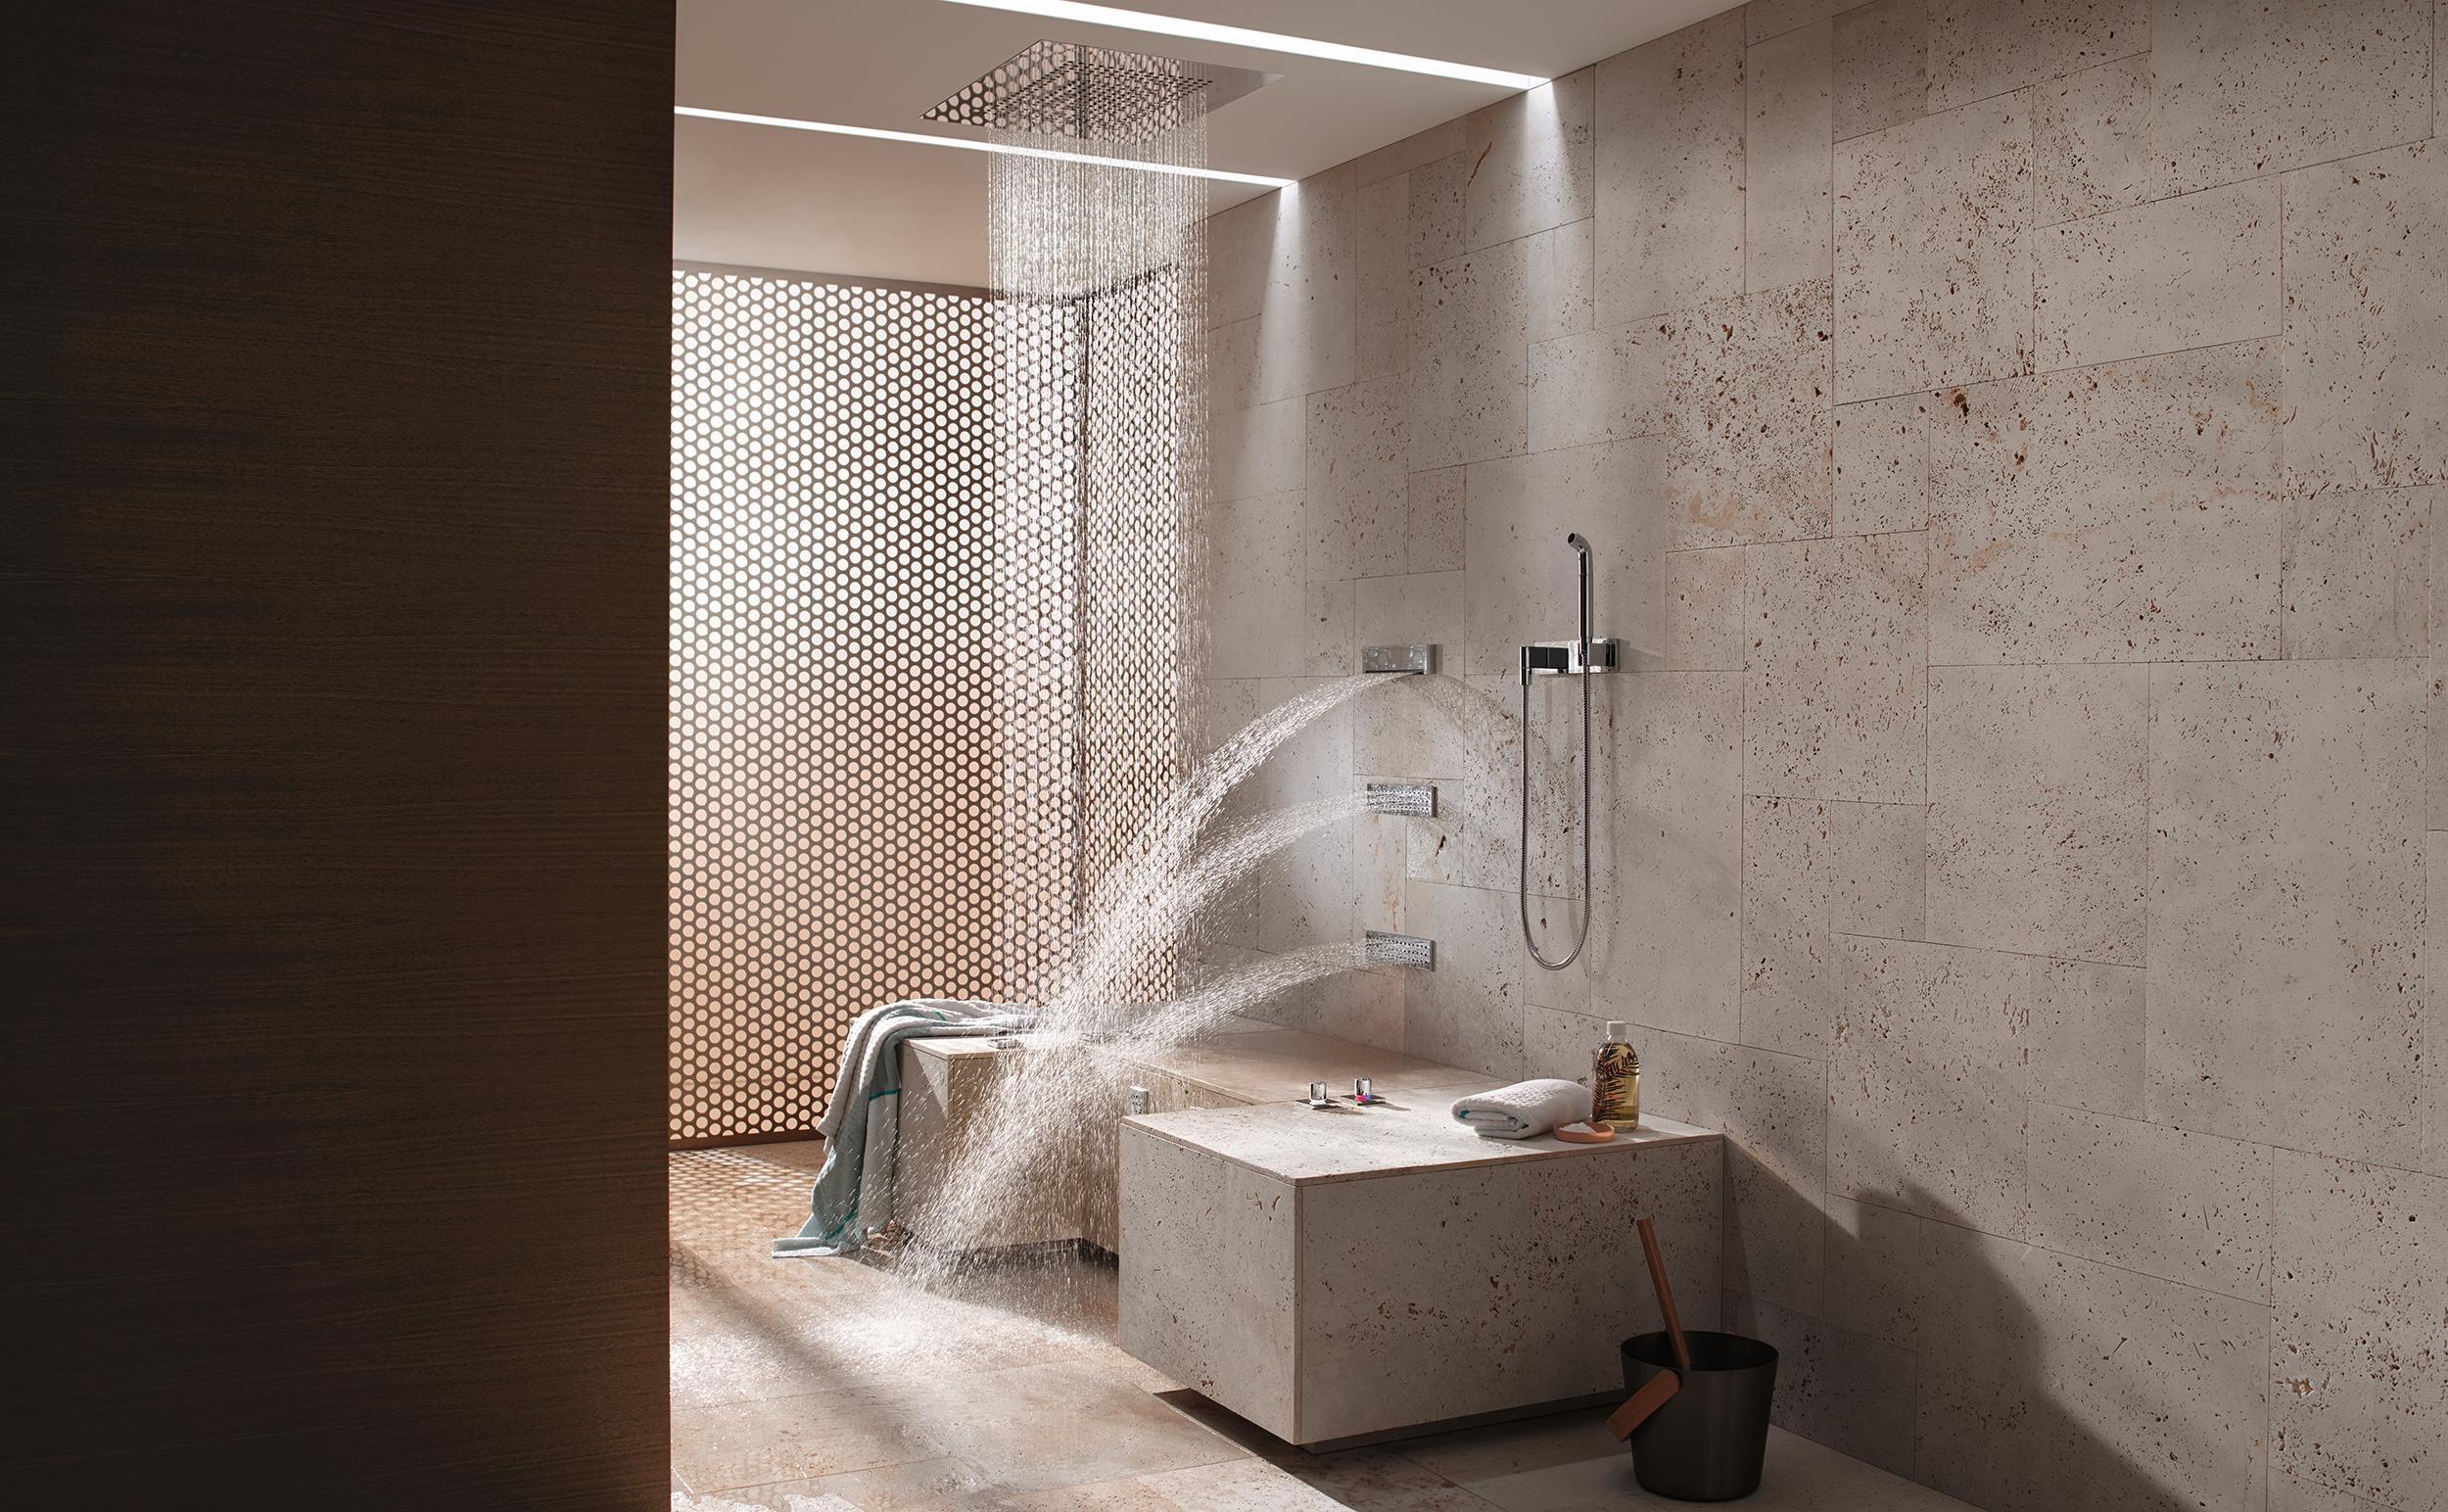 Modernes Badezimmer: Finde stilvolle Gestaltungsideen!